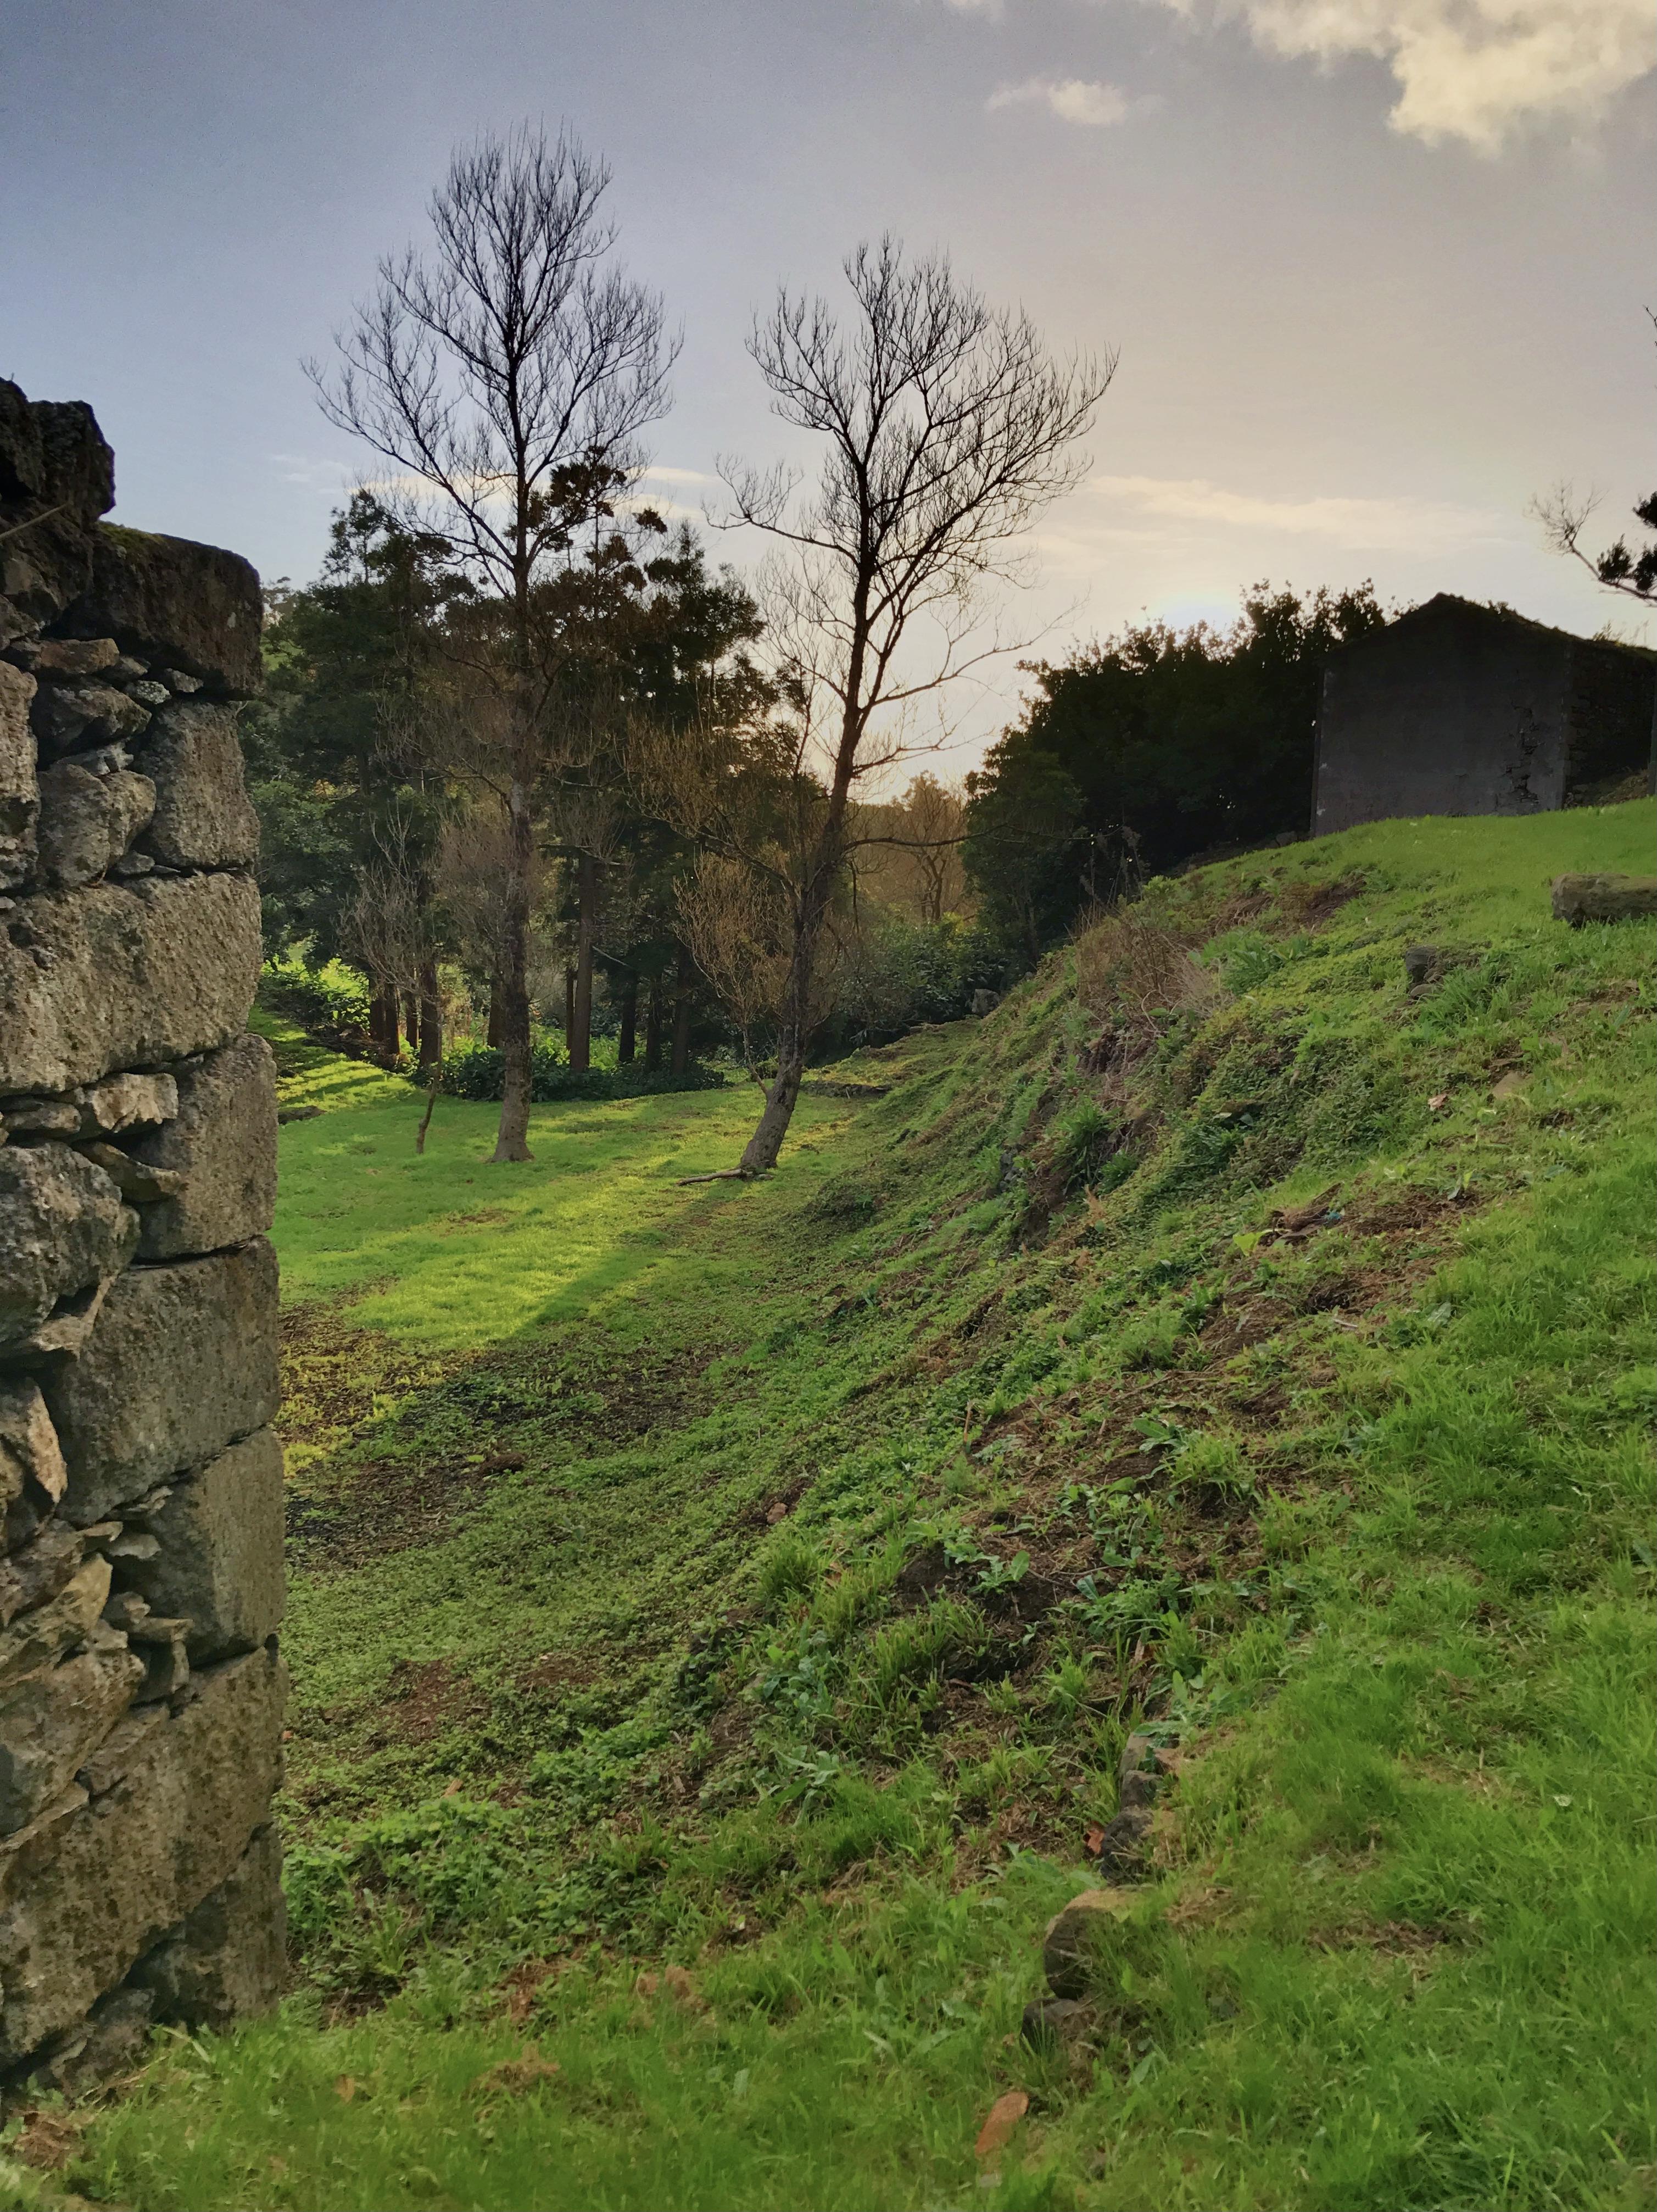 Casa dos Corções and poplars